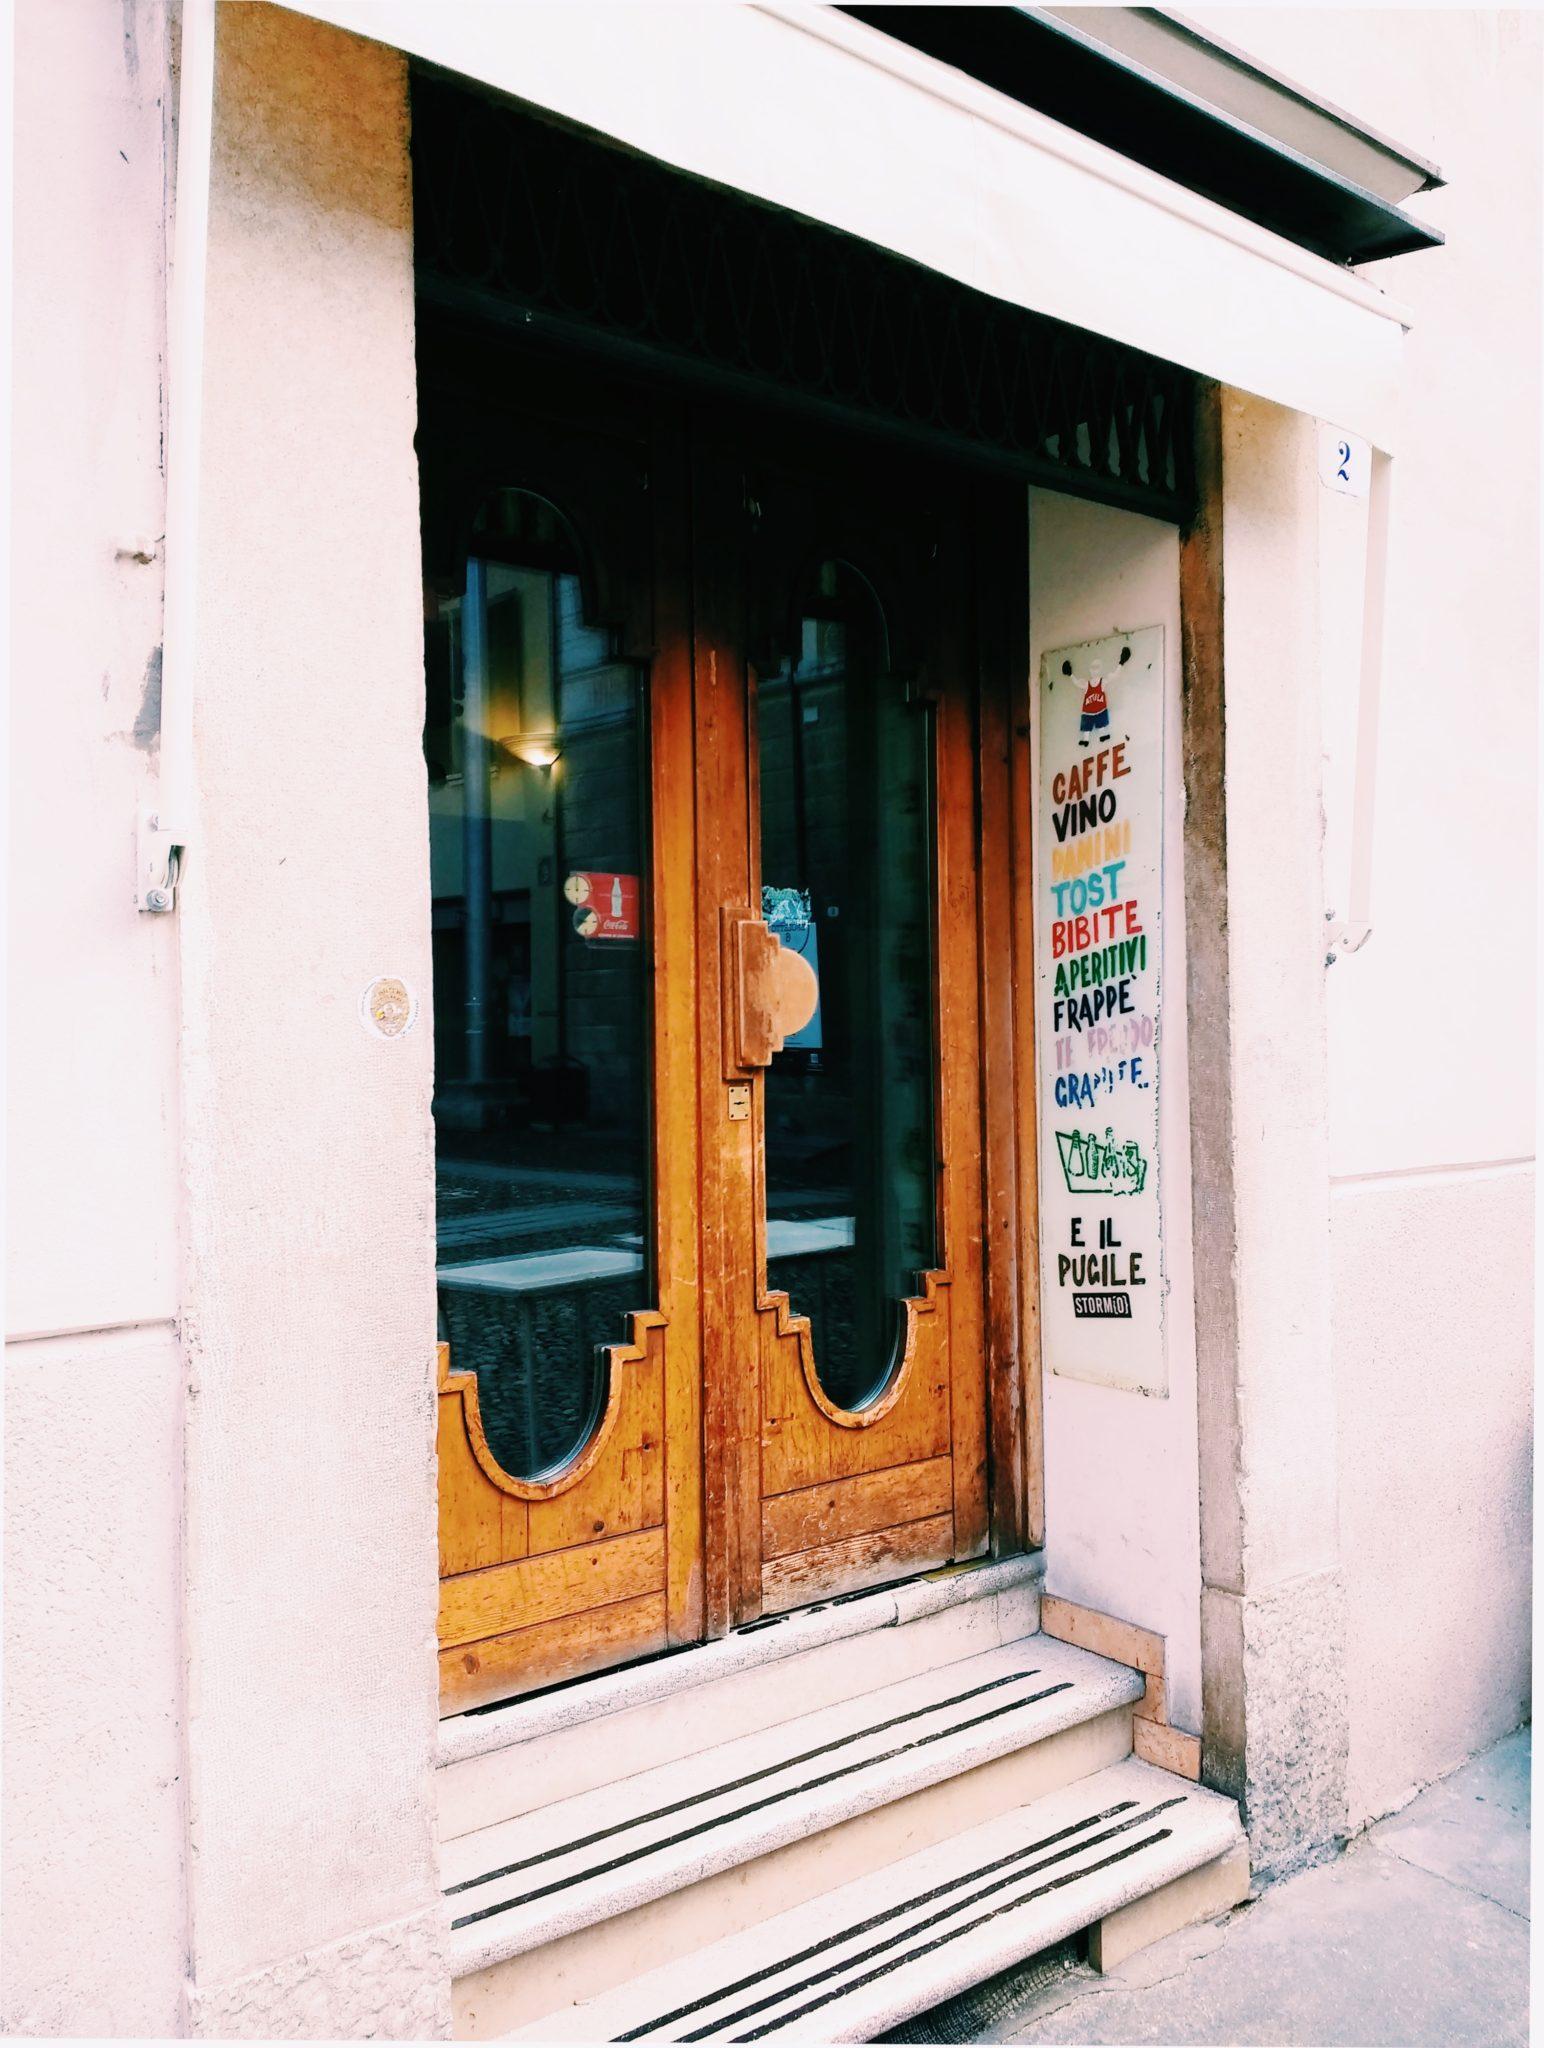 Come i passages parigini raccordano luoghi creando una dimensione onirica e meravigliosa. Ne abbiamo girati un po', per raccontare cosa c'è sotto